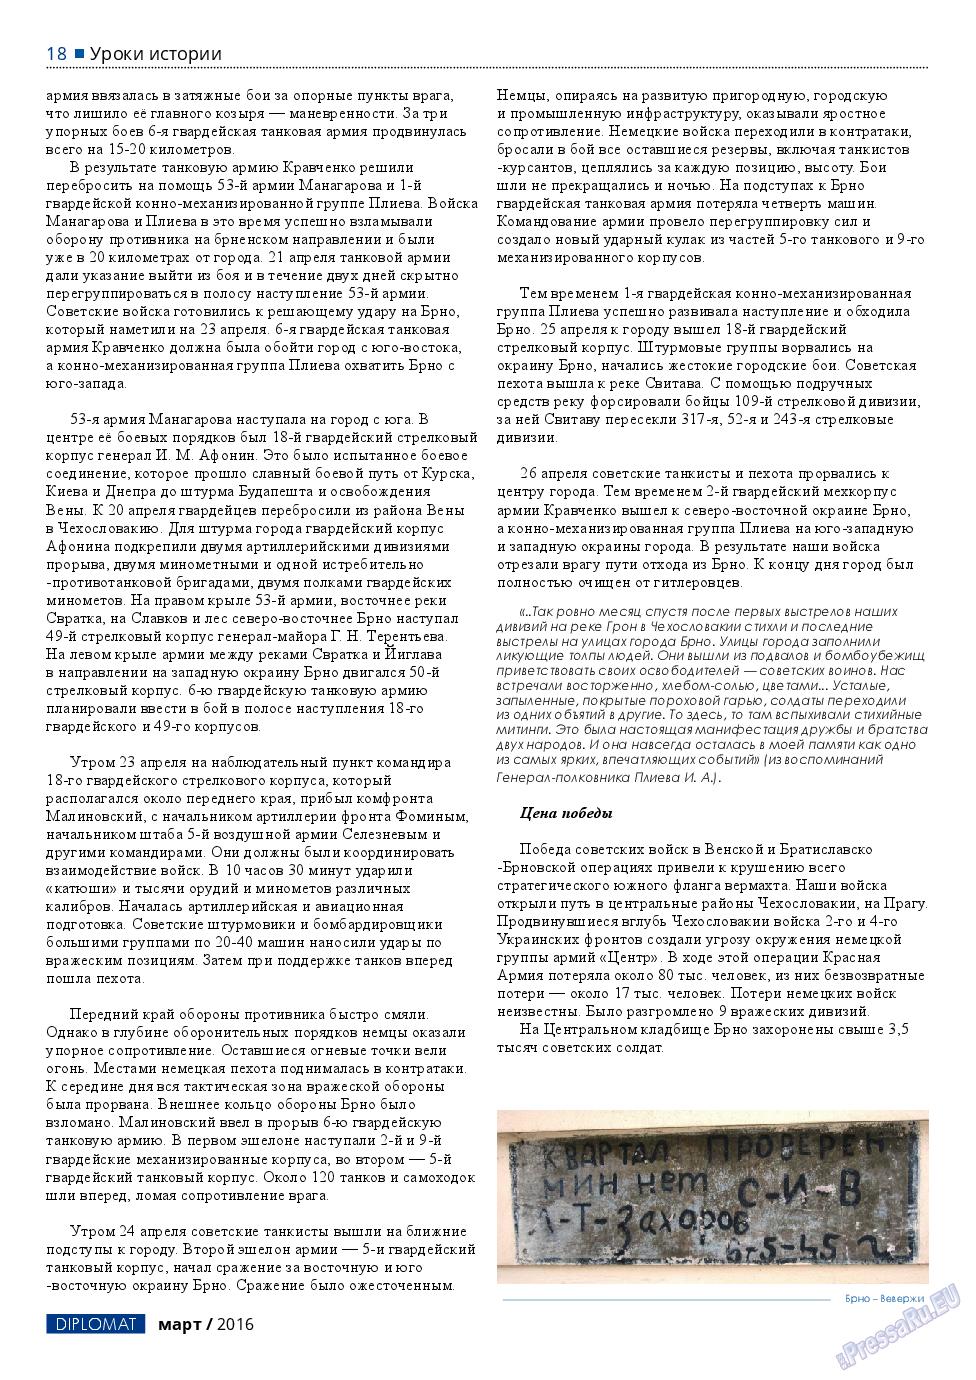 Diplomat (газета). 2016 год, номер 79, стр. 18